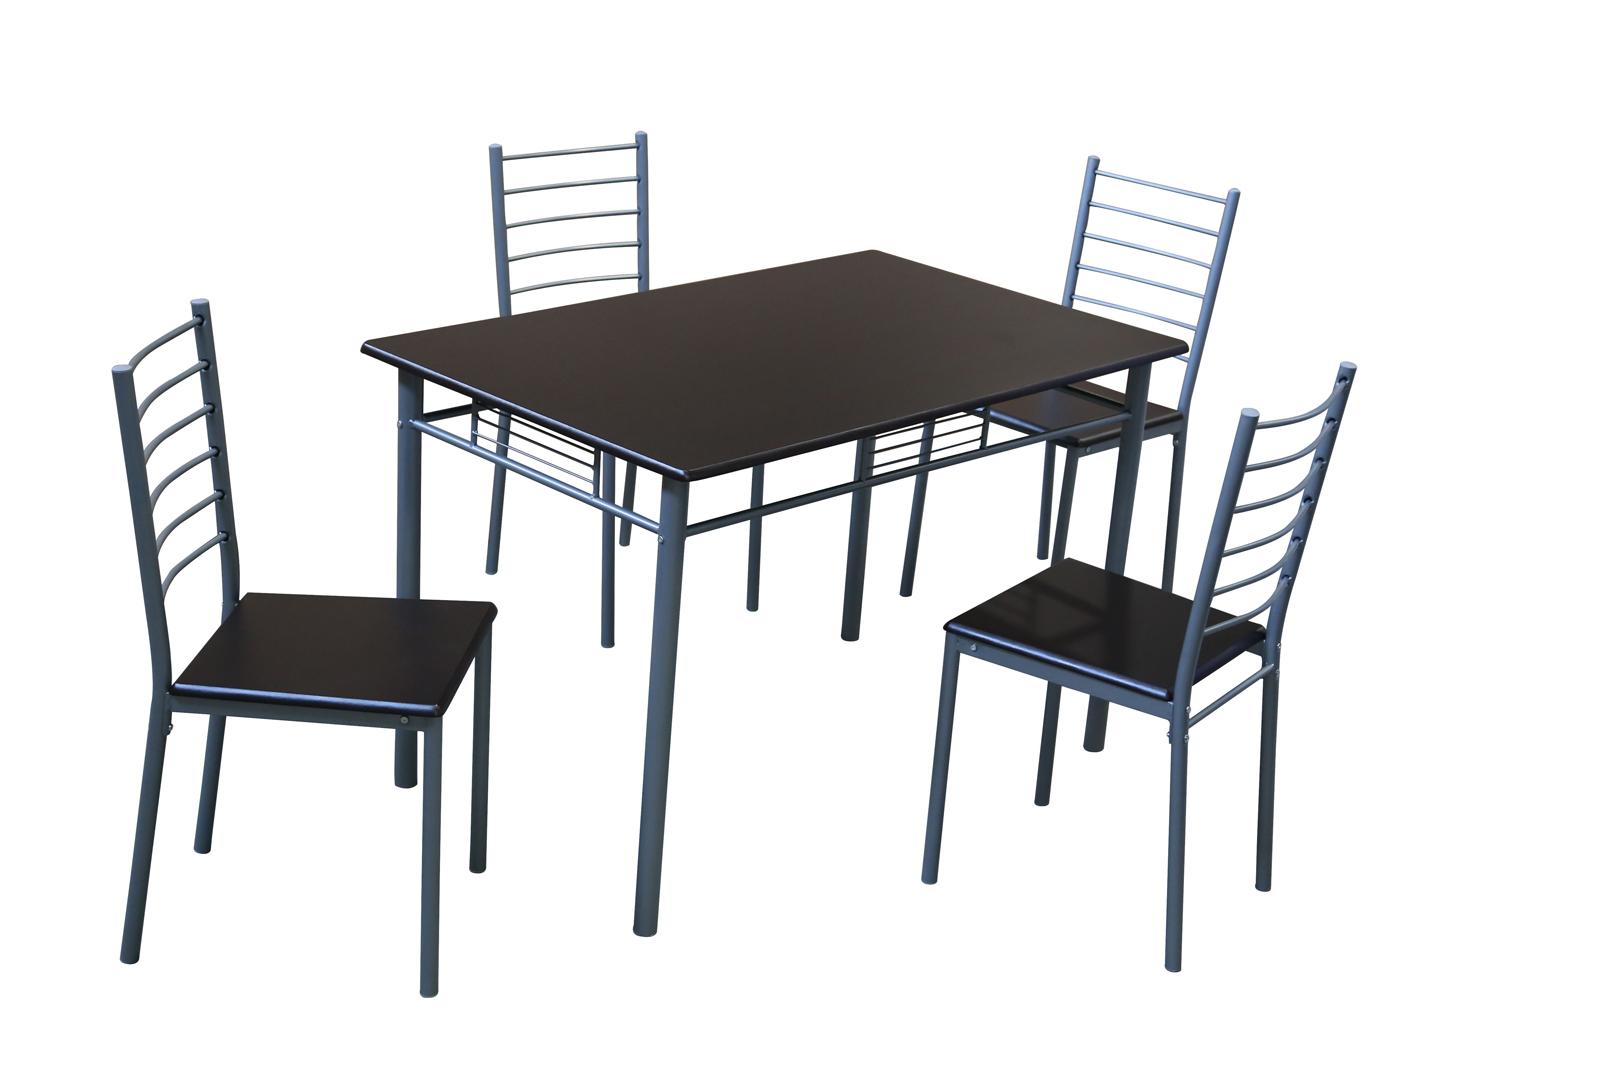 Ensemble table et 4 chaises contemporain métal et bois coloris wengé Elsa